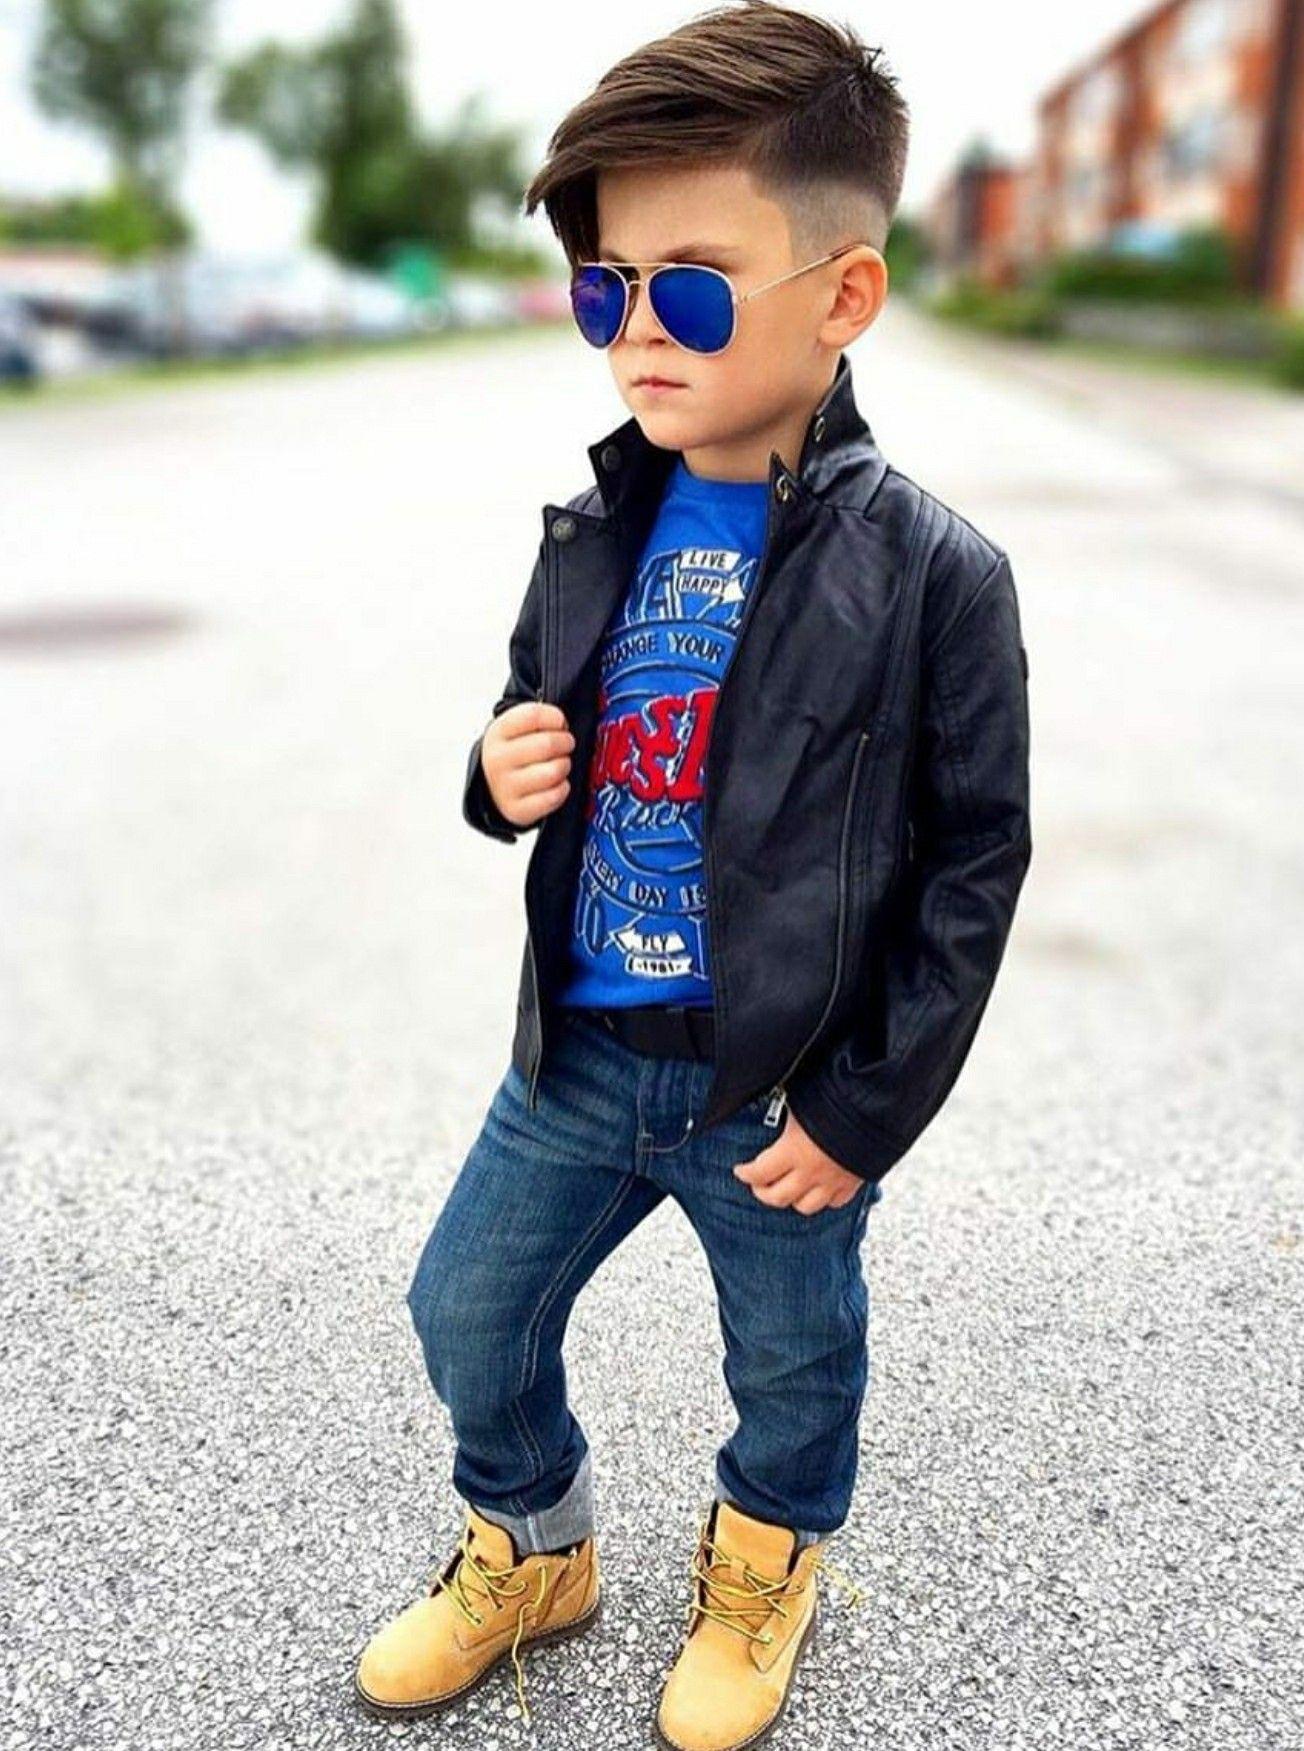 Pin By David Valero On Jv Fits Boy Fashion Stylish Boys Little Boy Fashion